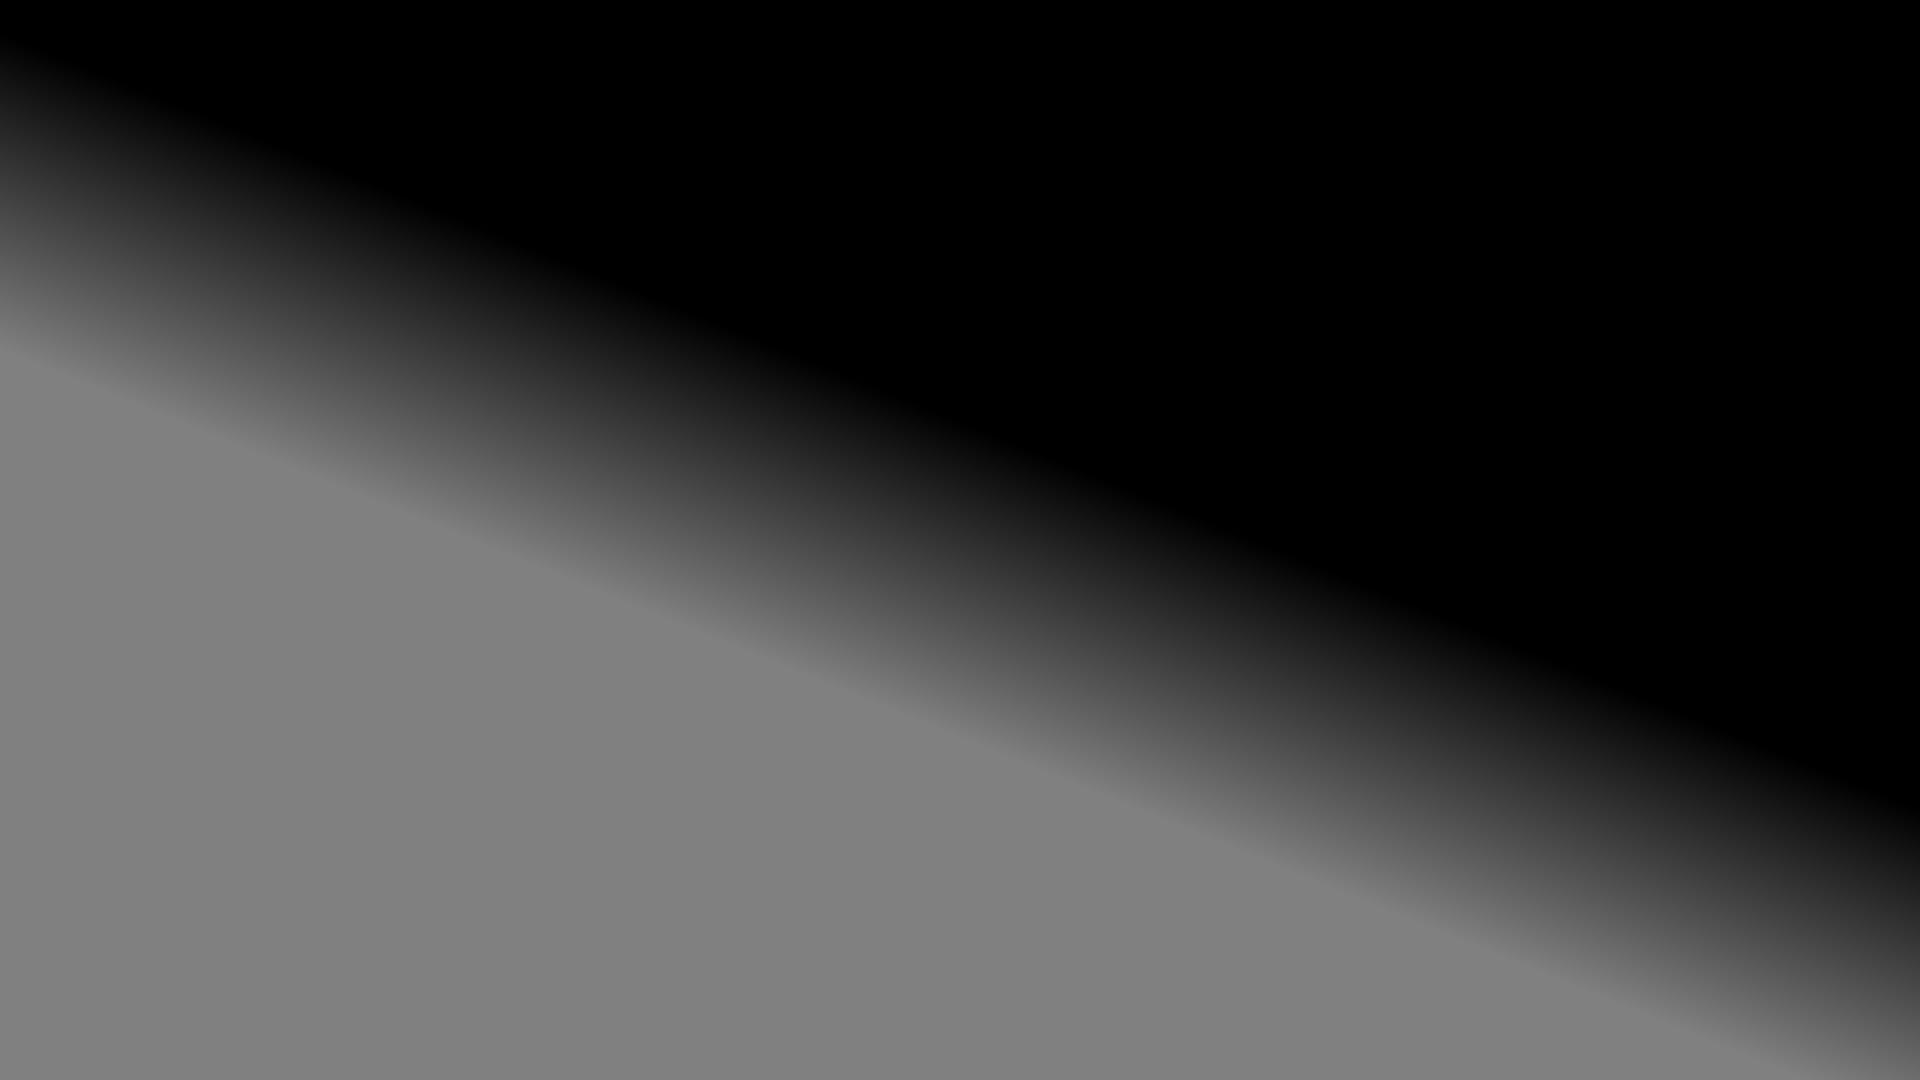 Gray And Black Diagonal Gradient Wallpaper